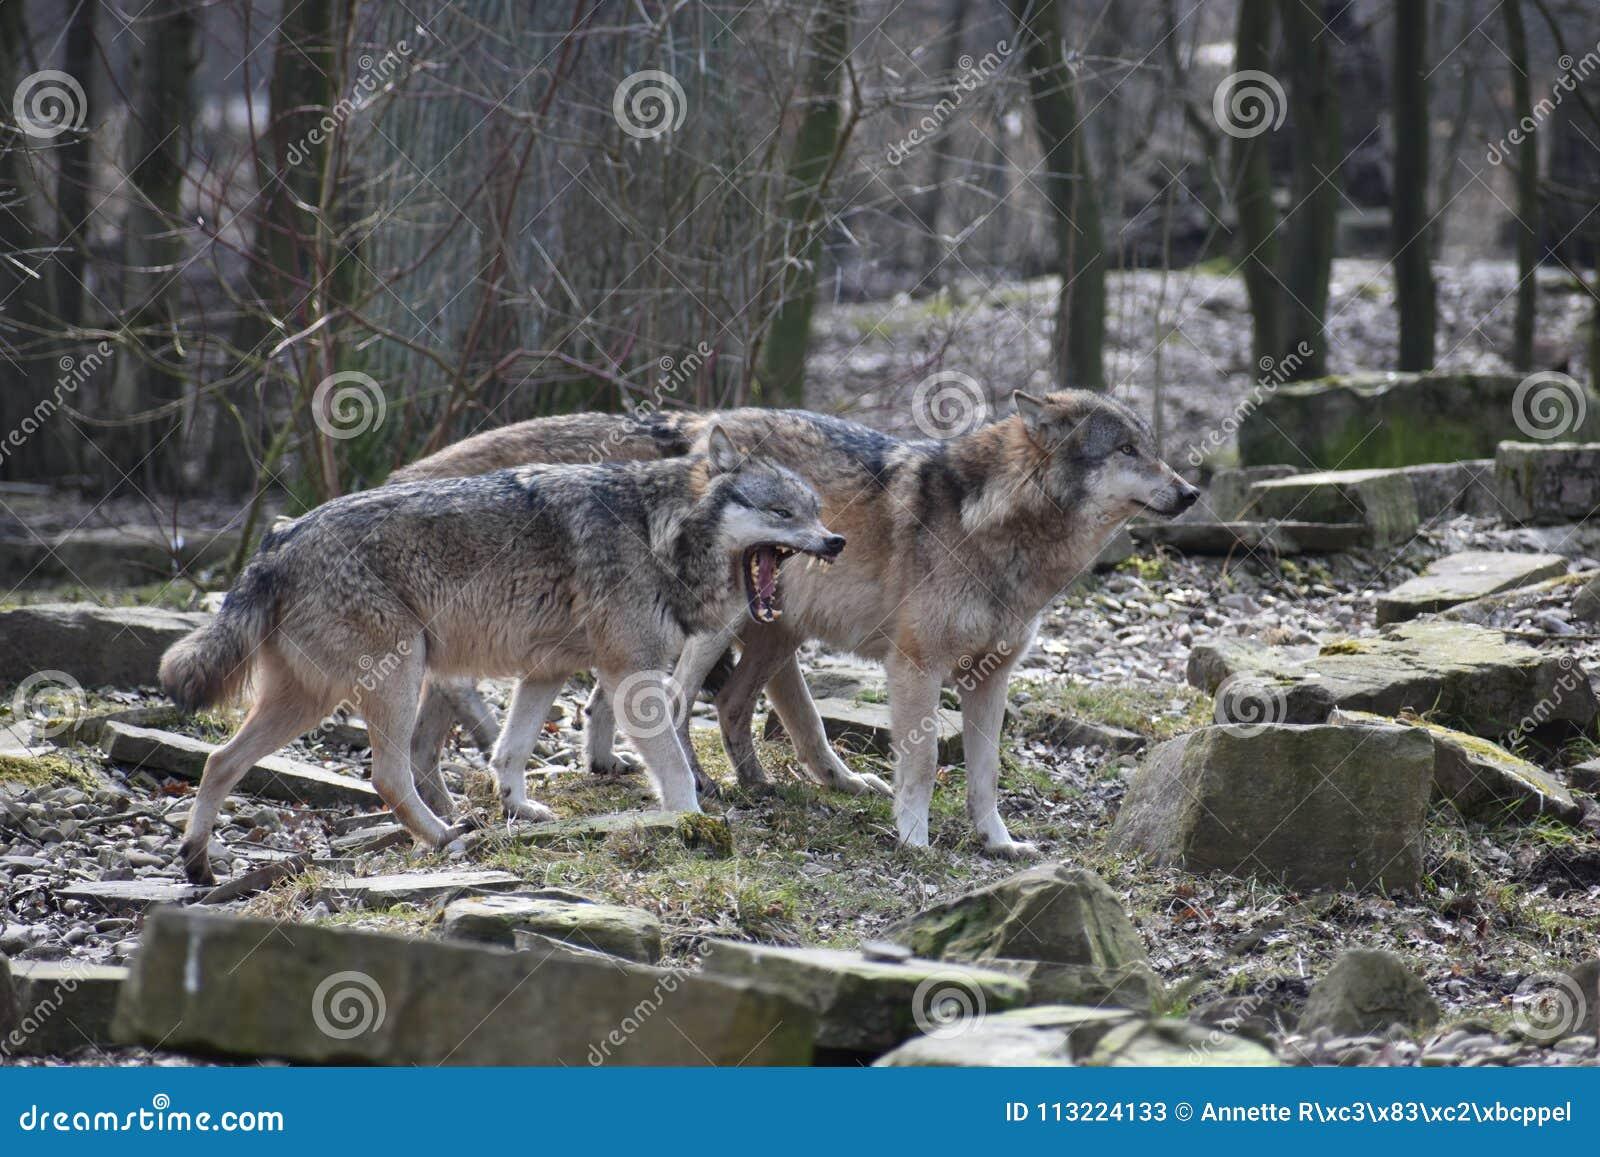 Primer Hermoso De Dos Lobos Salvajes En Un Bosque En Alemania Imagen